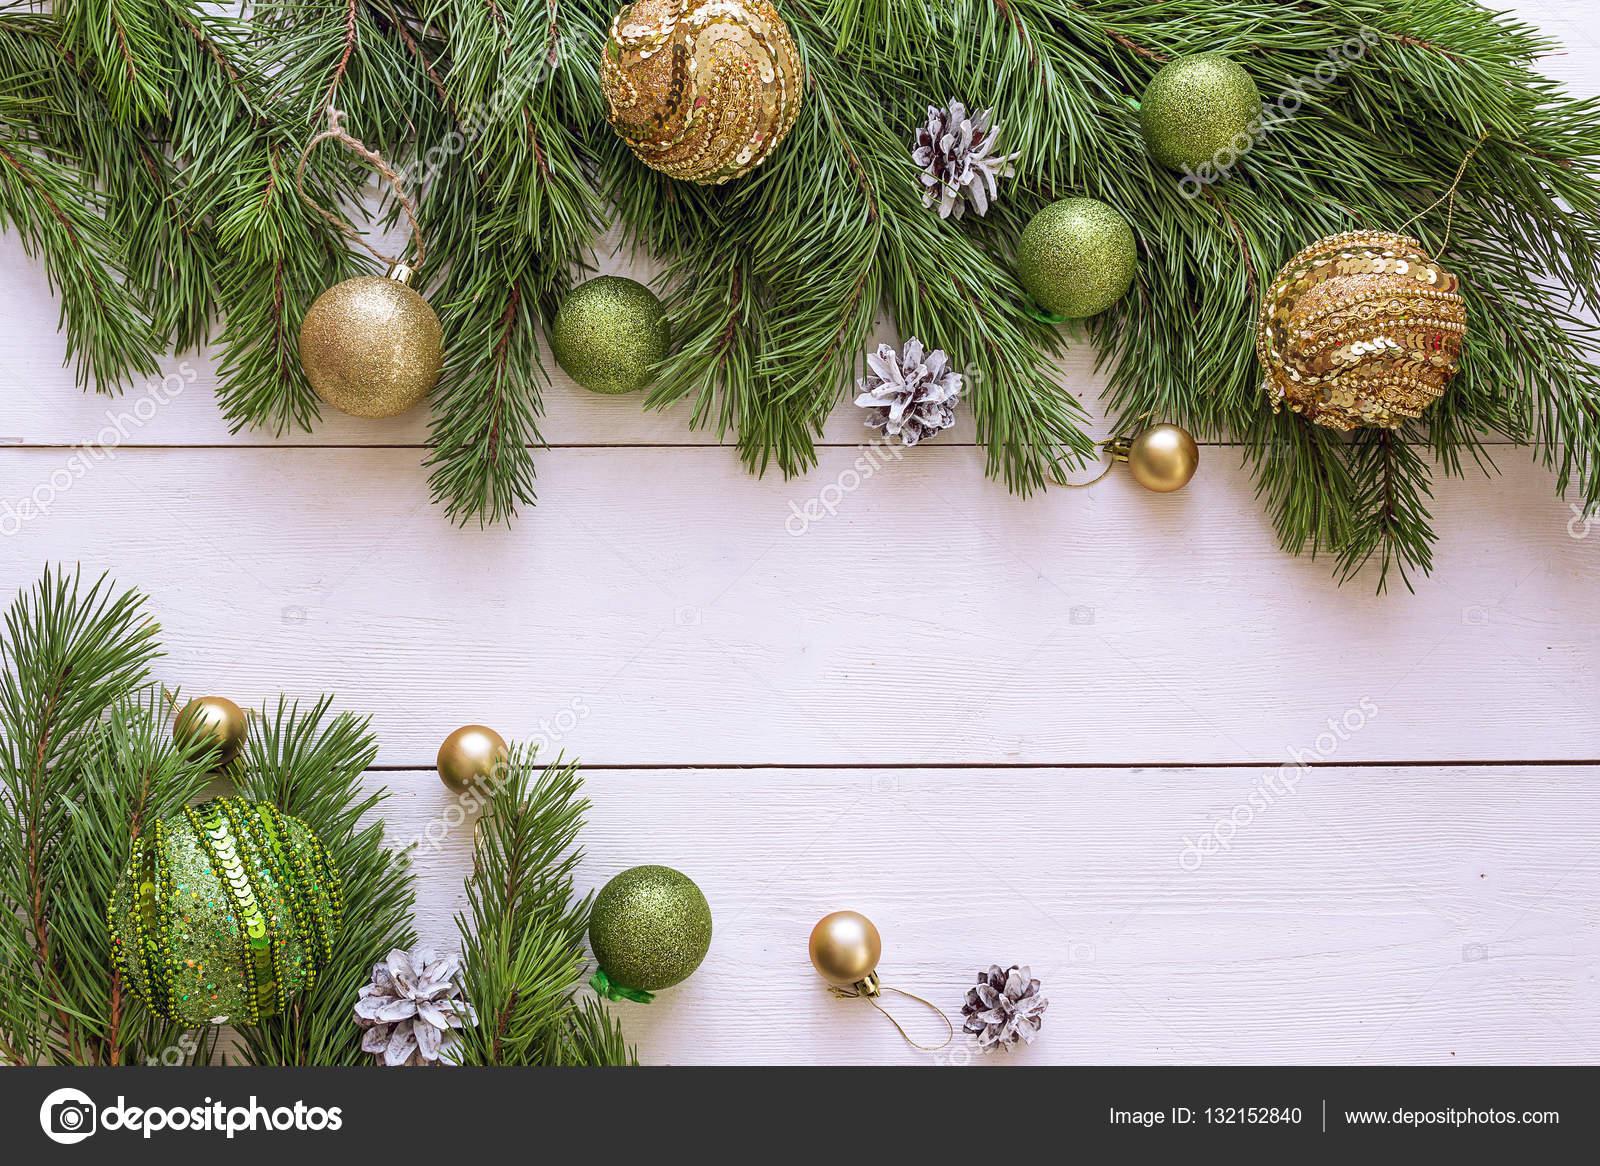 Fond De Noël Avec Bordure De Branches De Sapin Et